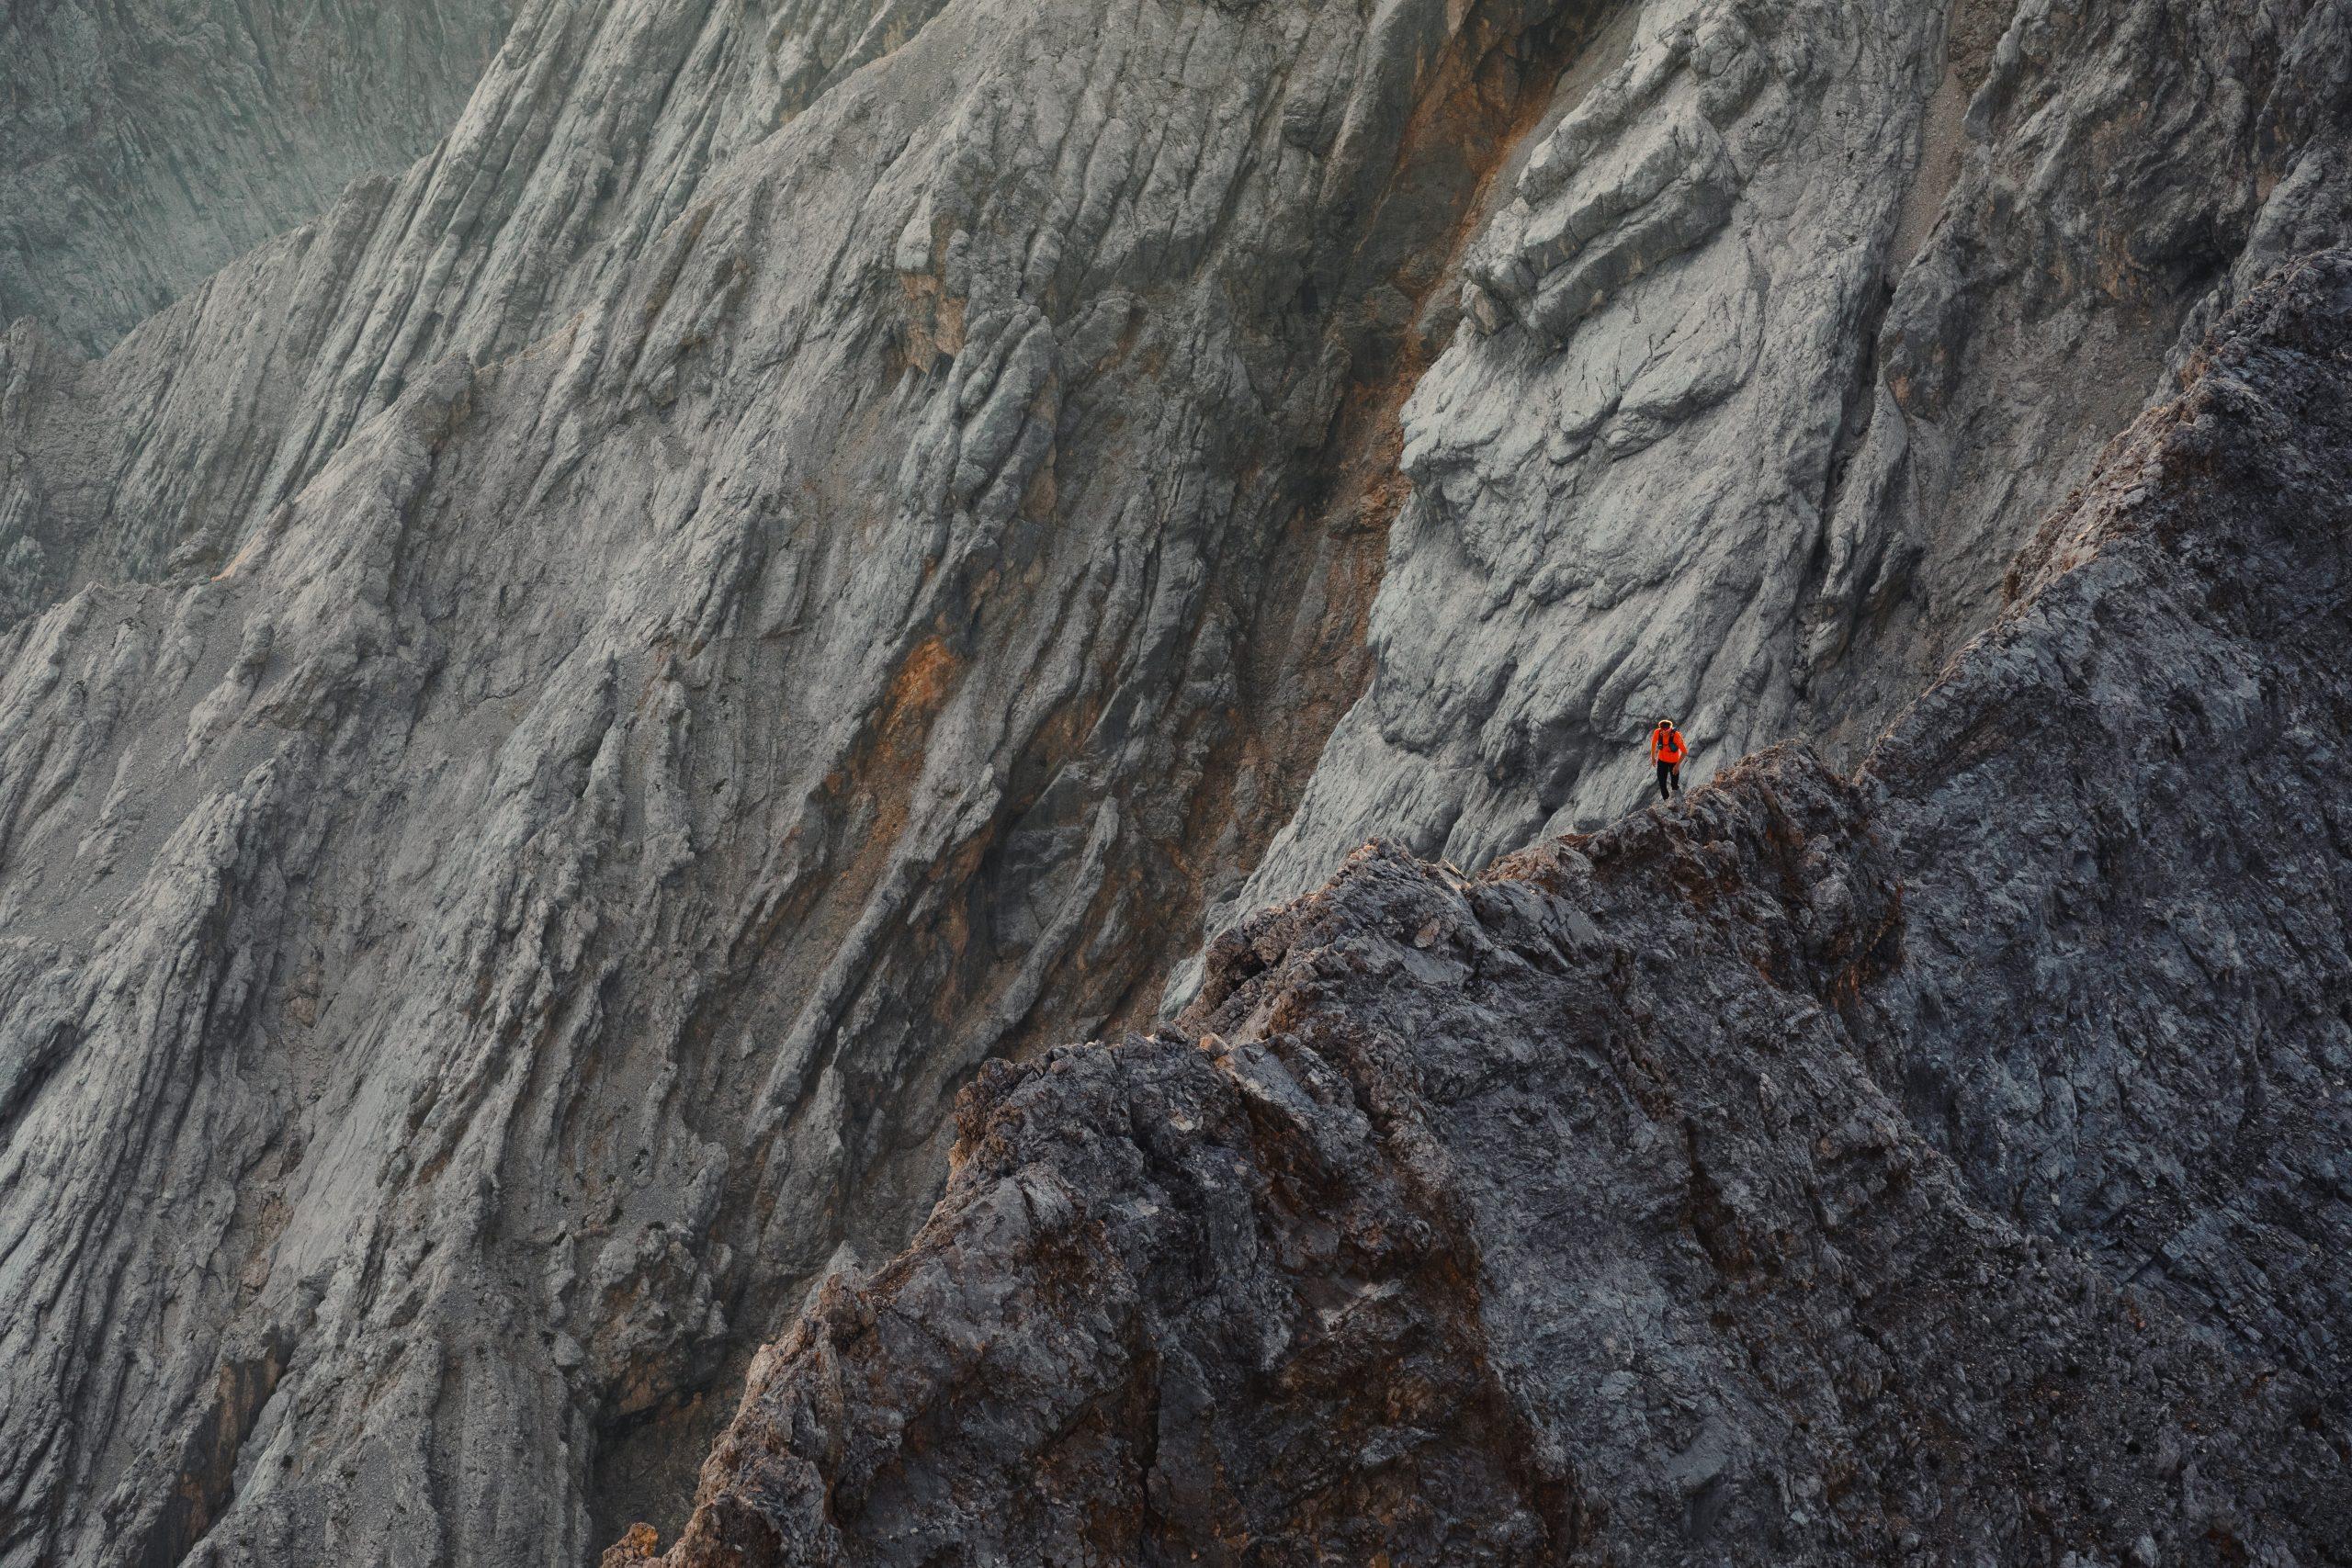 Von Albert gibt es leider keine Bilder vom Wettersteingrat. Hier ein Bild von Michi Wohlleben, den vorherigen Rekordhalter am Grat. Fotos: Jakob Schweighöfer